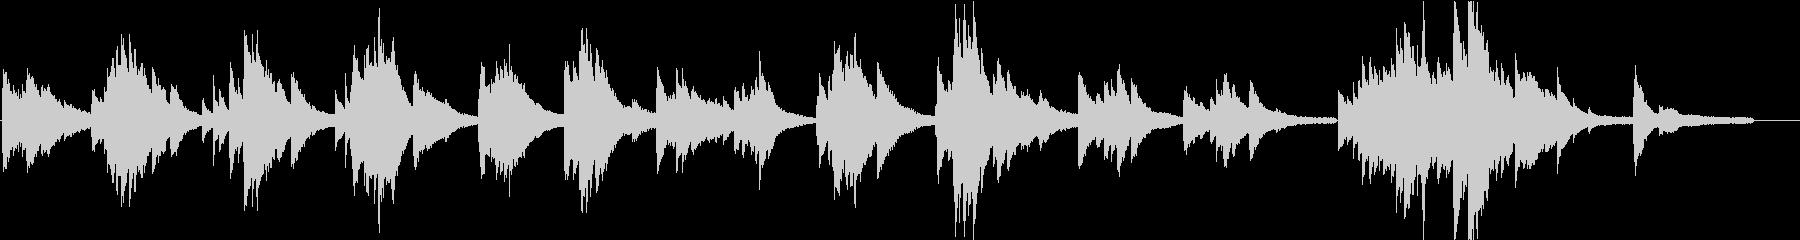 BGM11 感傷に浸るようなピアノソロの未再生の波形